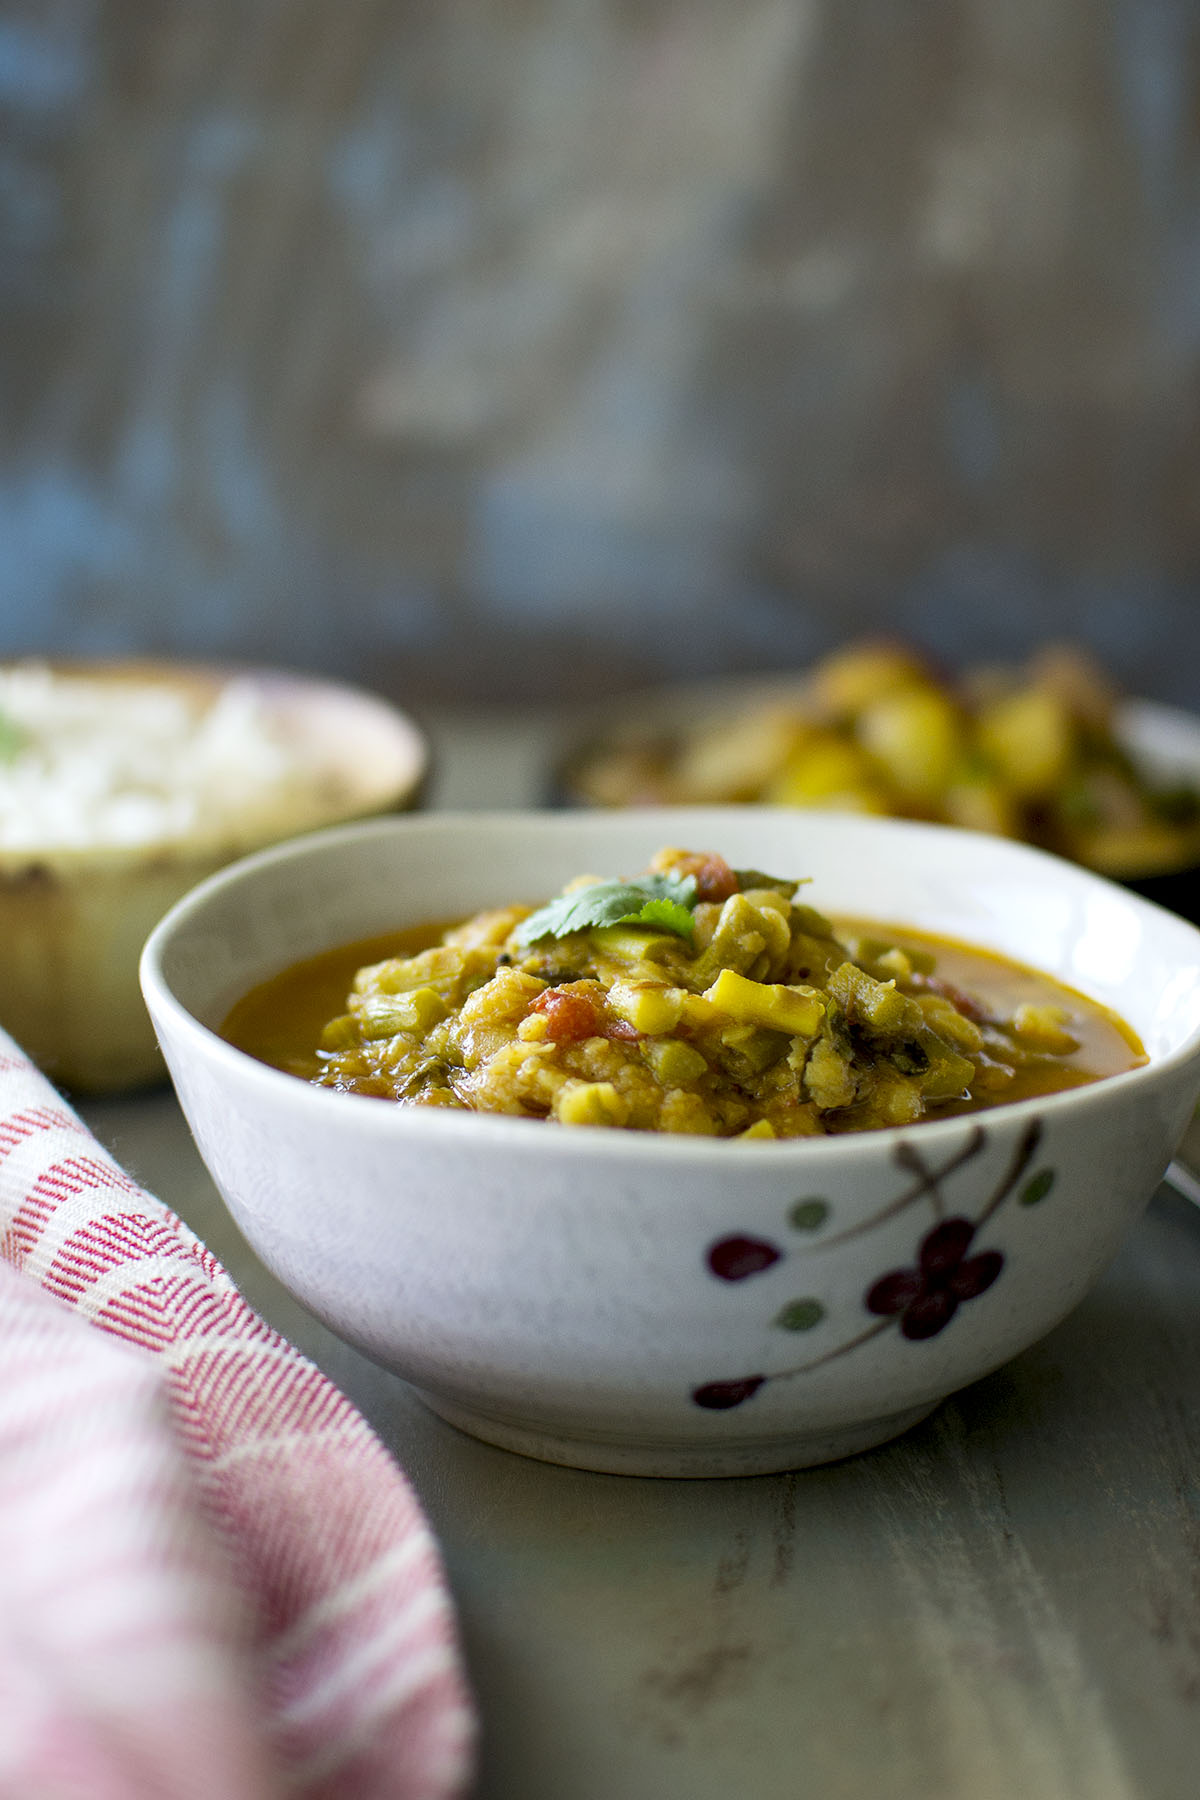 Grey bowl with asparagus lentil soup